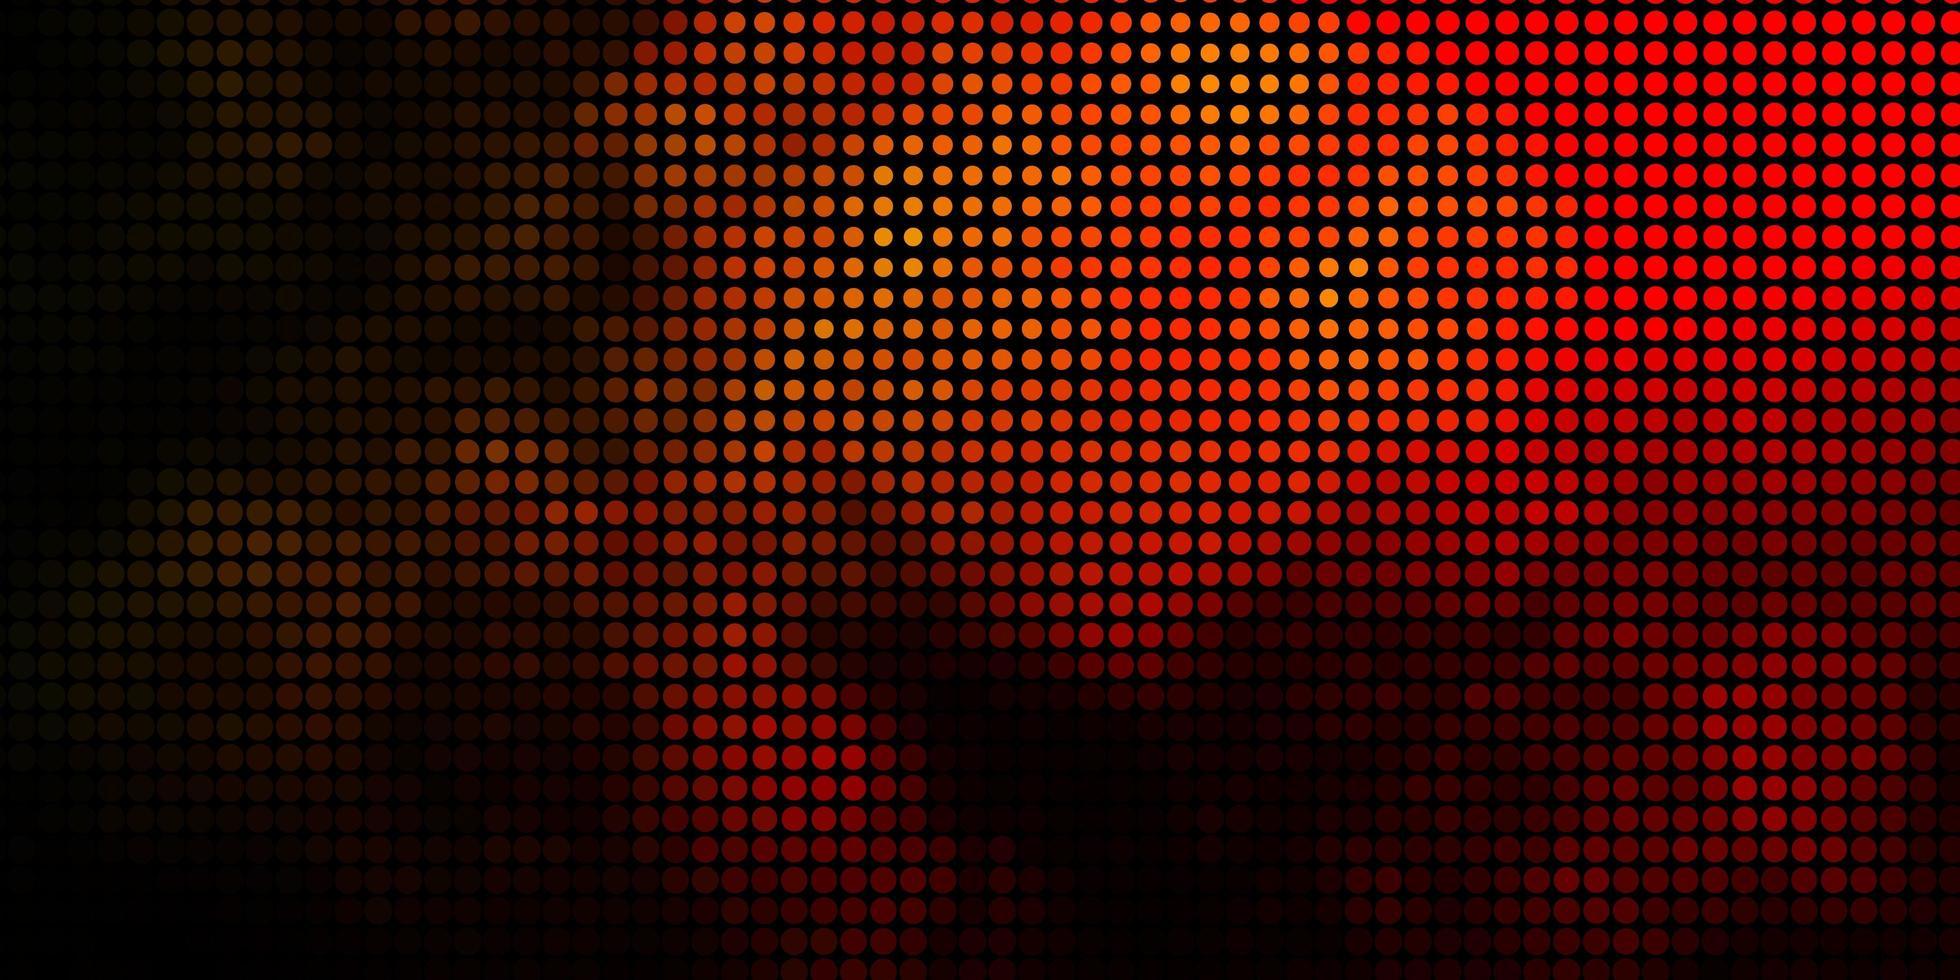 donkeroranje vector achtergrond met bubbels.